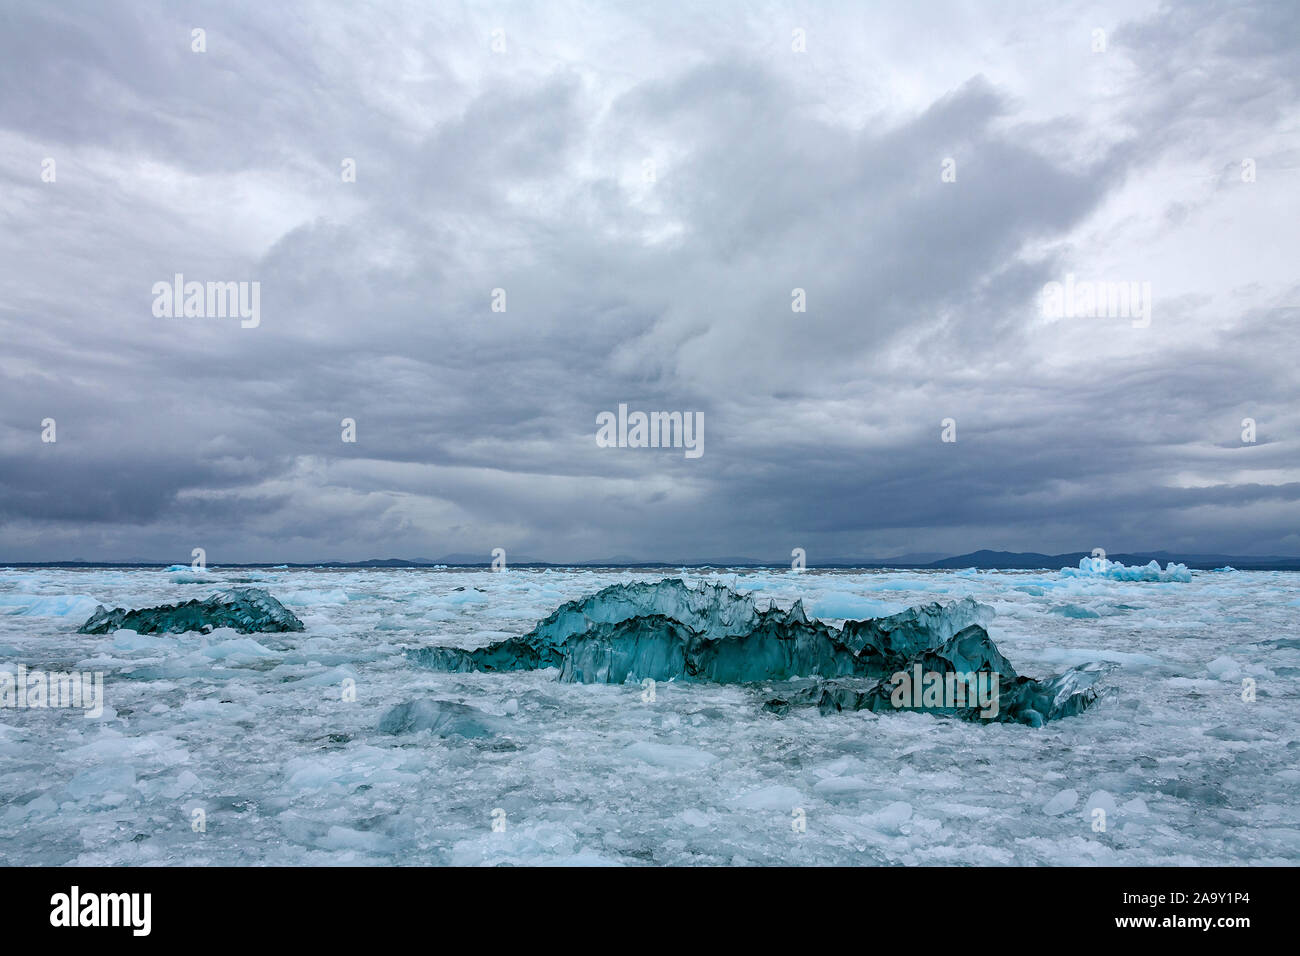 Verde ghiaccio anamorfici da San Rafael Glacier galleggianti in Laguna San Rafael in Laguna San Rafael Parco Nazionale, Patagonia nel sud del Cile, Sud Am Foto Stock